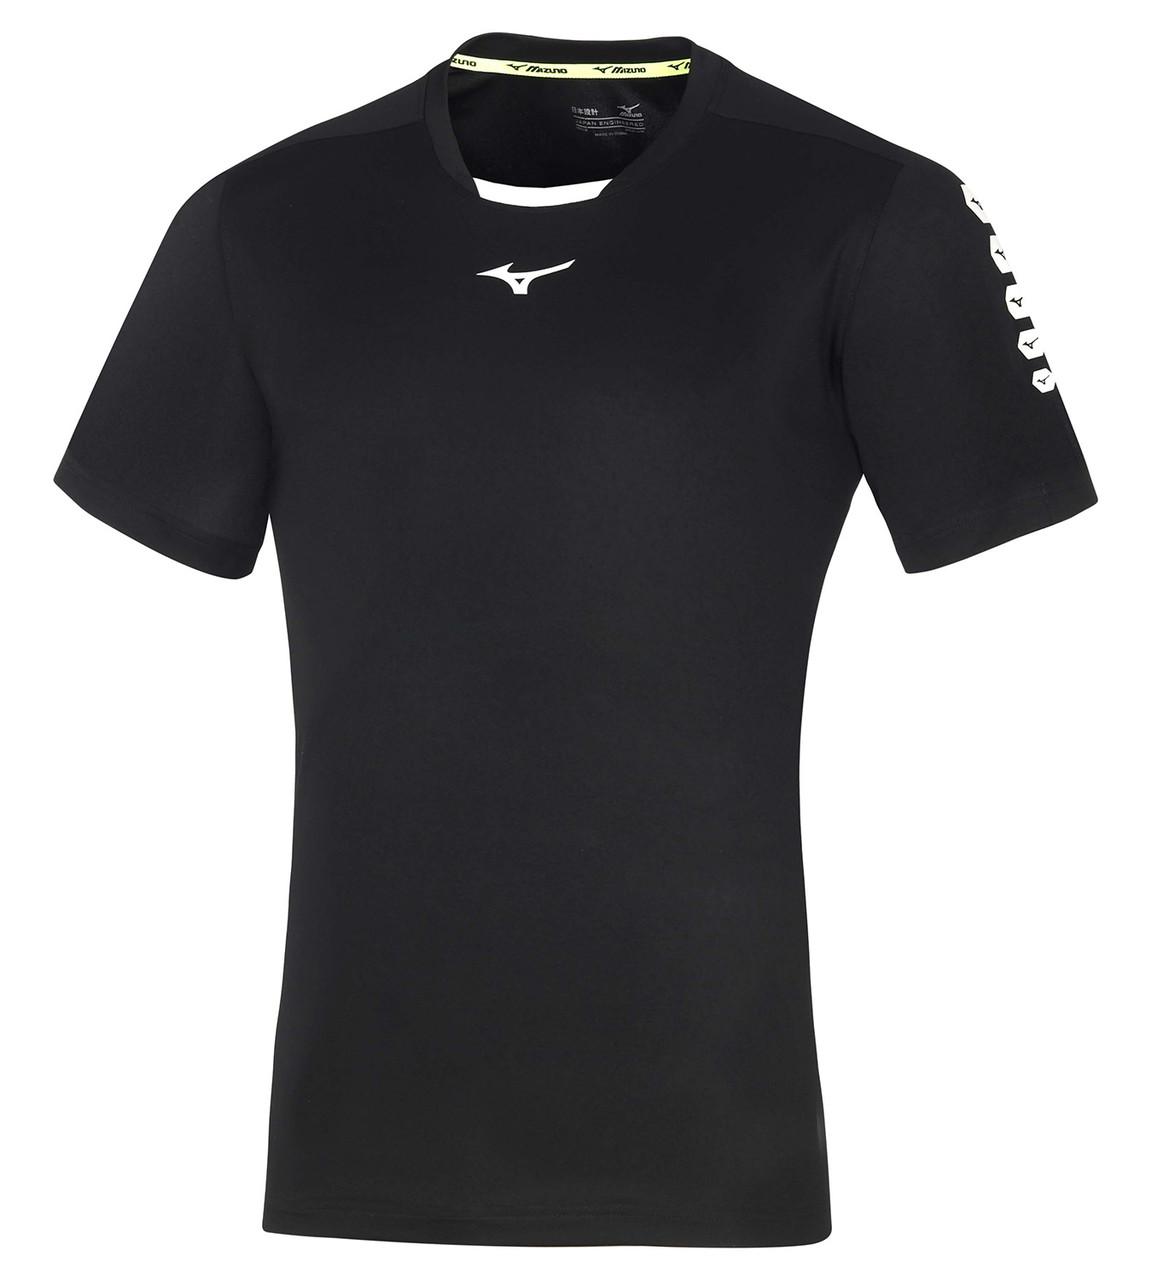 Футболка Mizuno Soukyu Shirt (X2EA7500-09)